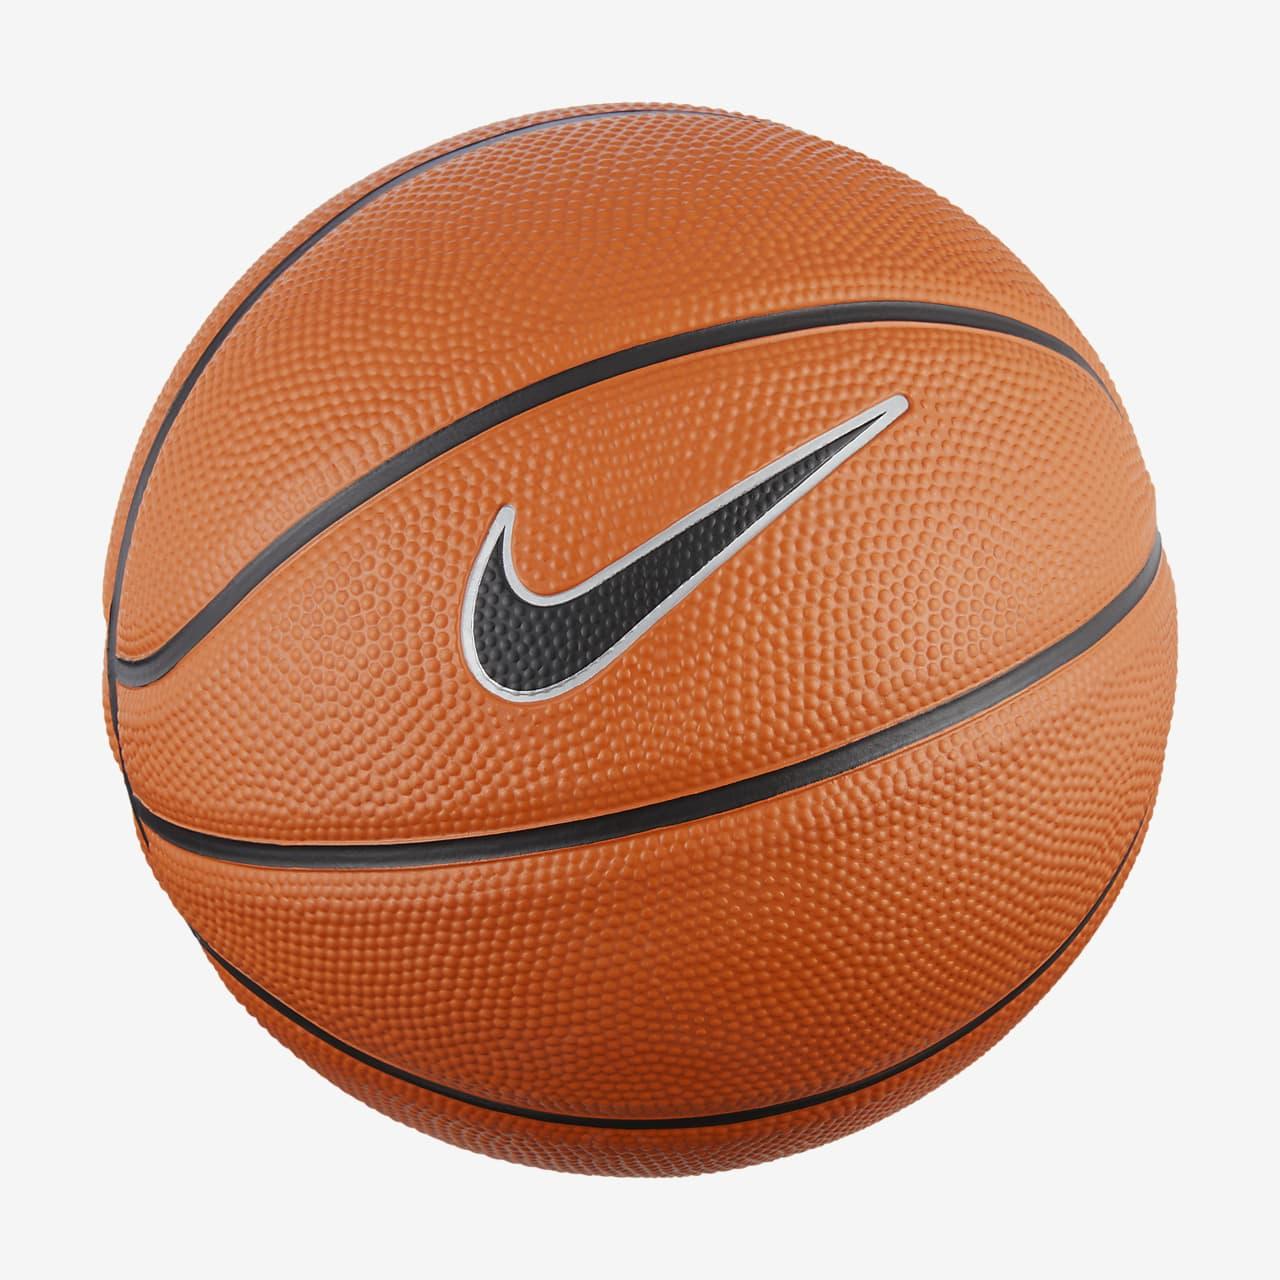 Balón de básquetbol (NYC) Nike Skills (tamaño 3)